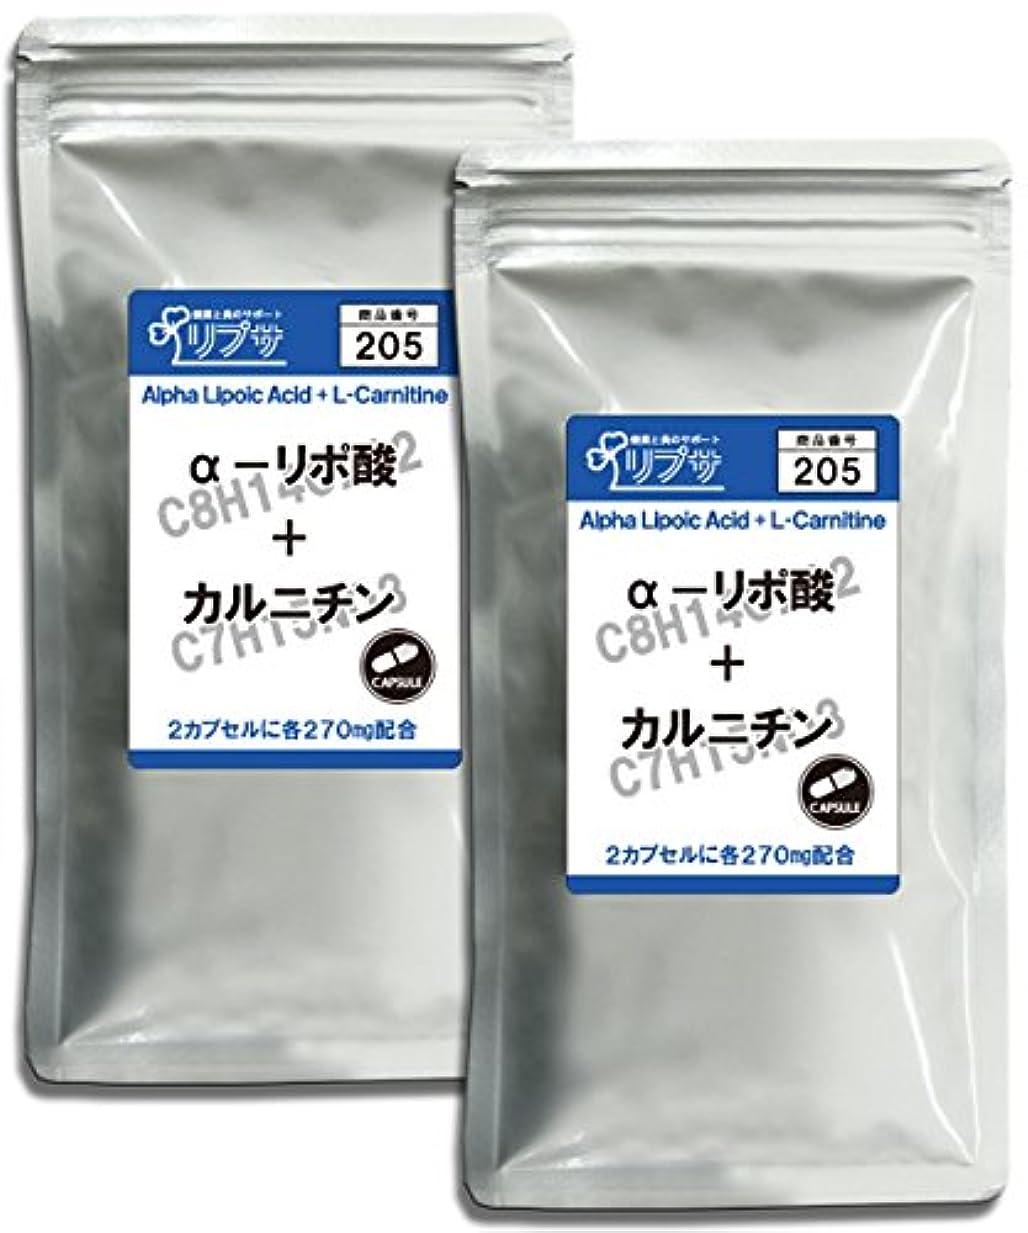 バンガロー素人報酬アルファリポ酸+カルニチン 約3か月分×2袋 C-205-2